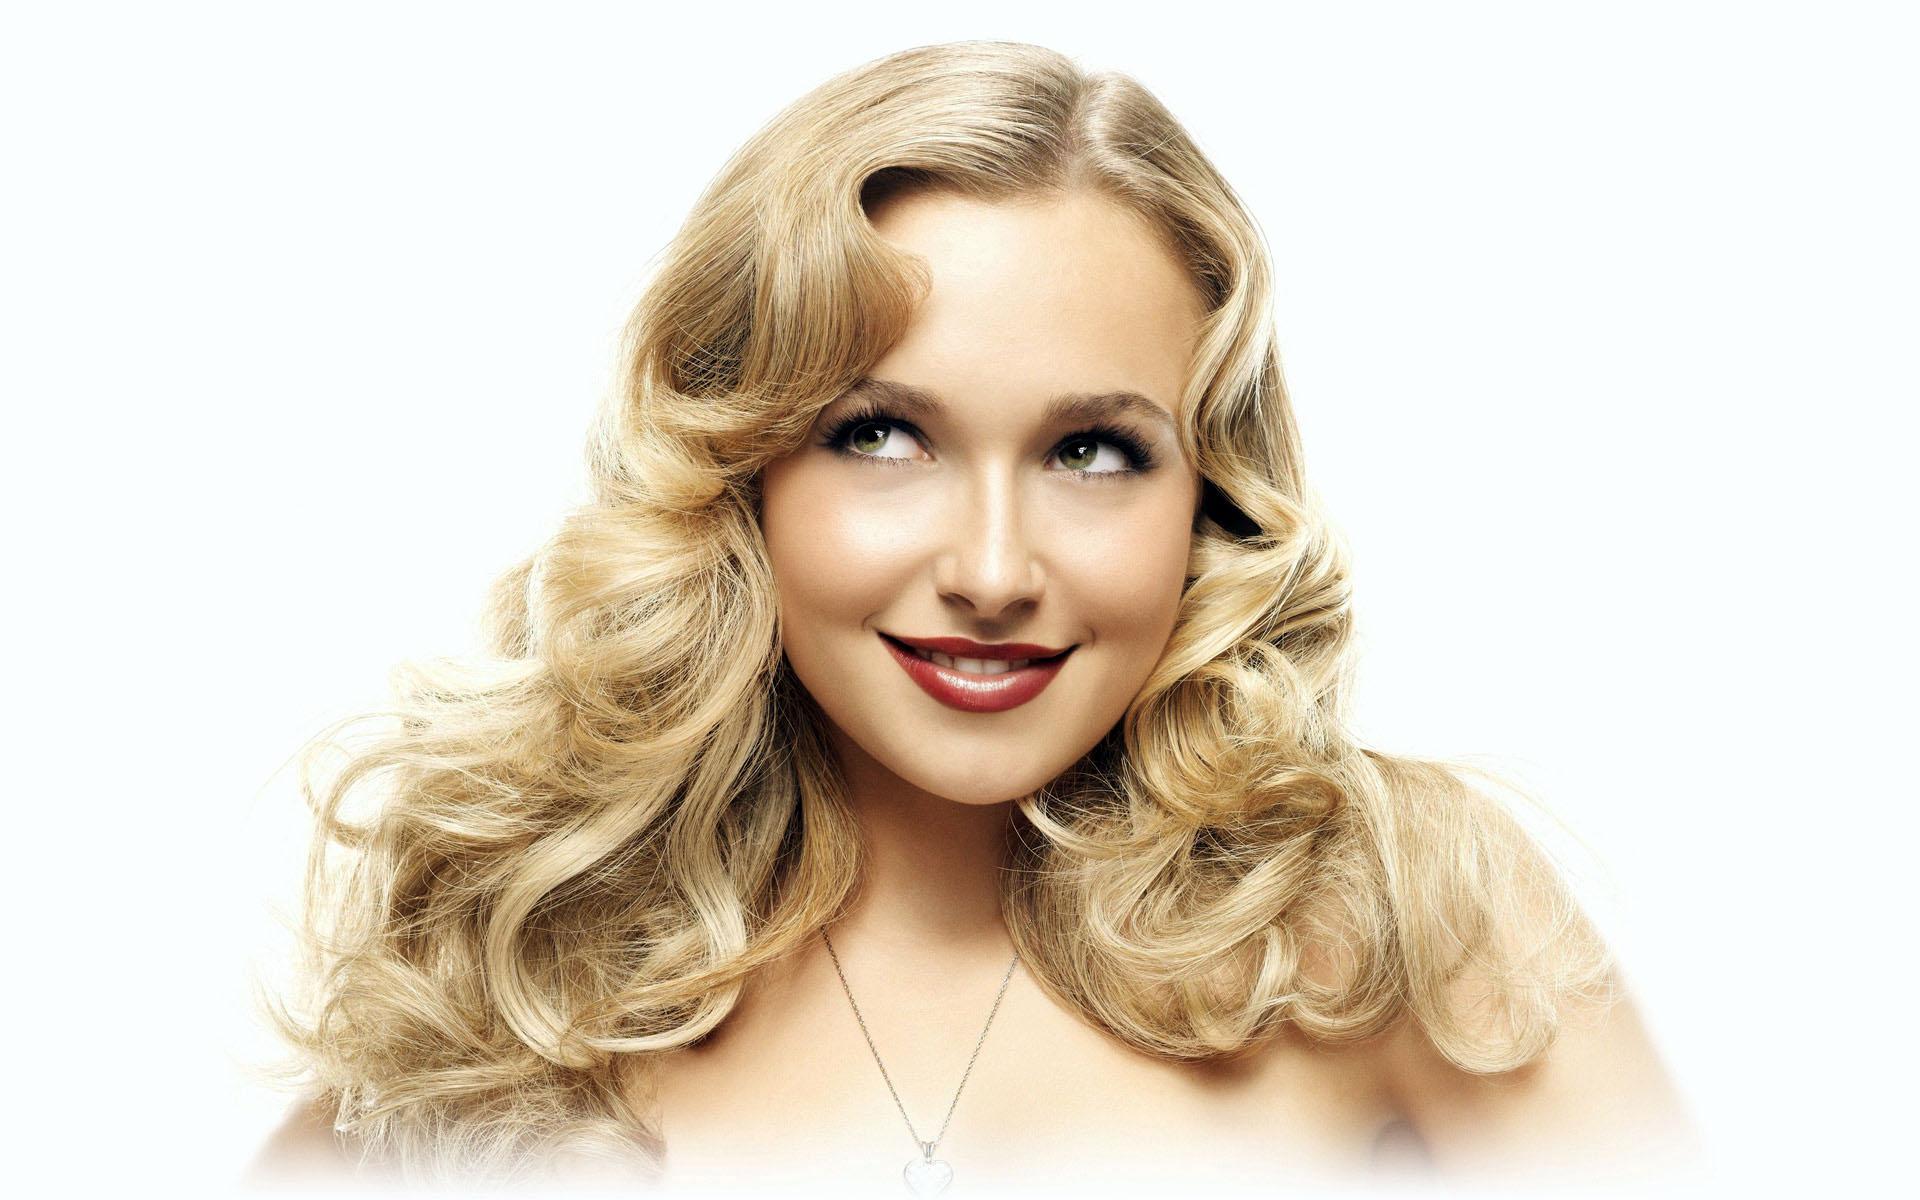 Фото кудрявая блондинка, Голая кудрявая блондинка В чулках 18 фотография